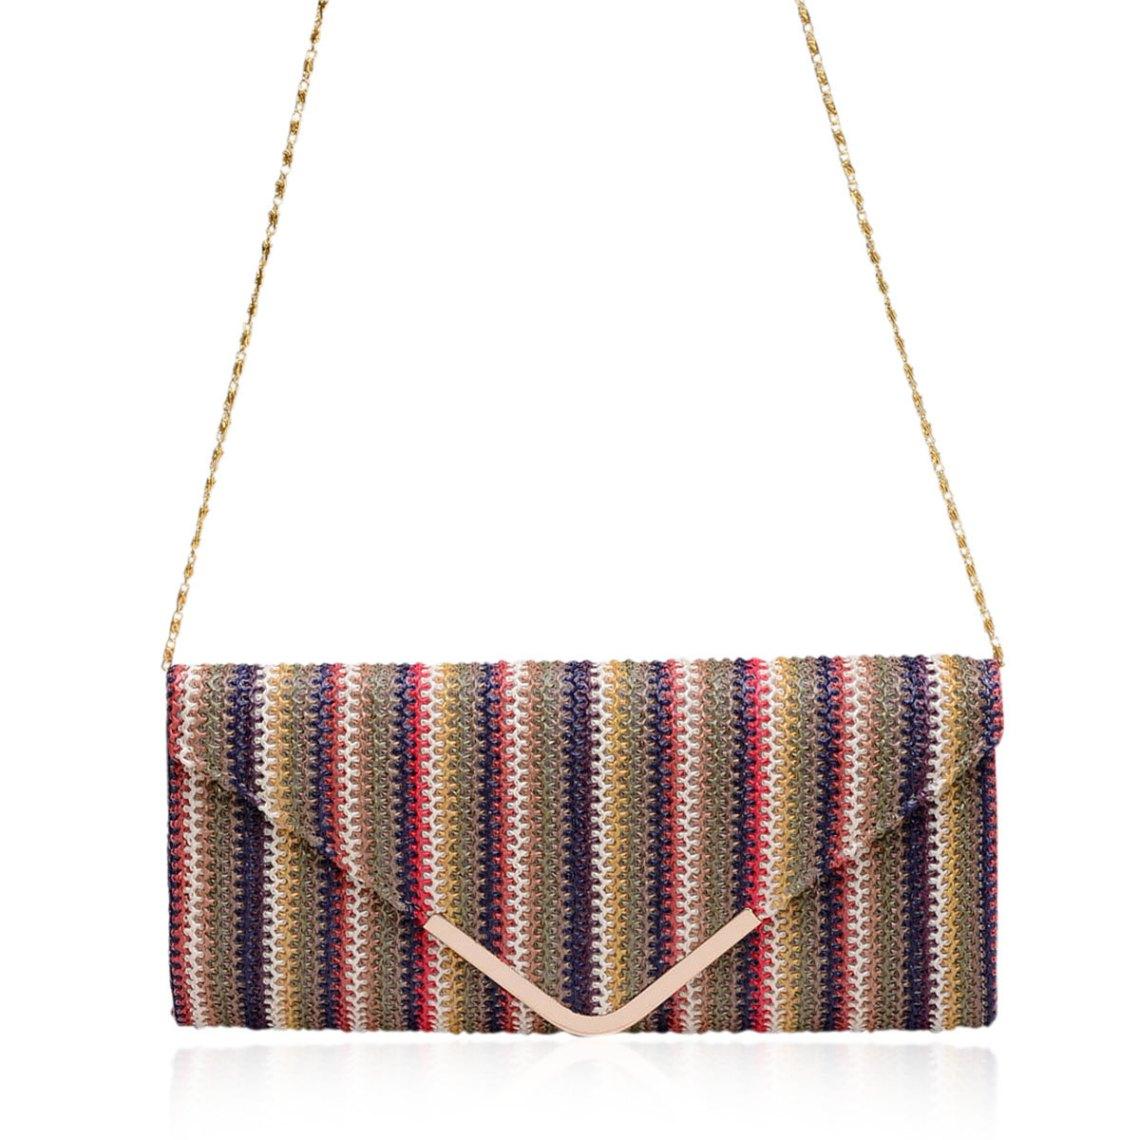 Multi Color Clutch Handbag